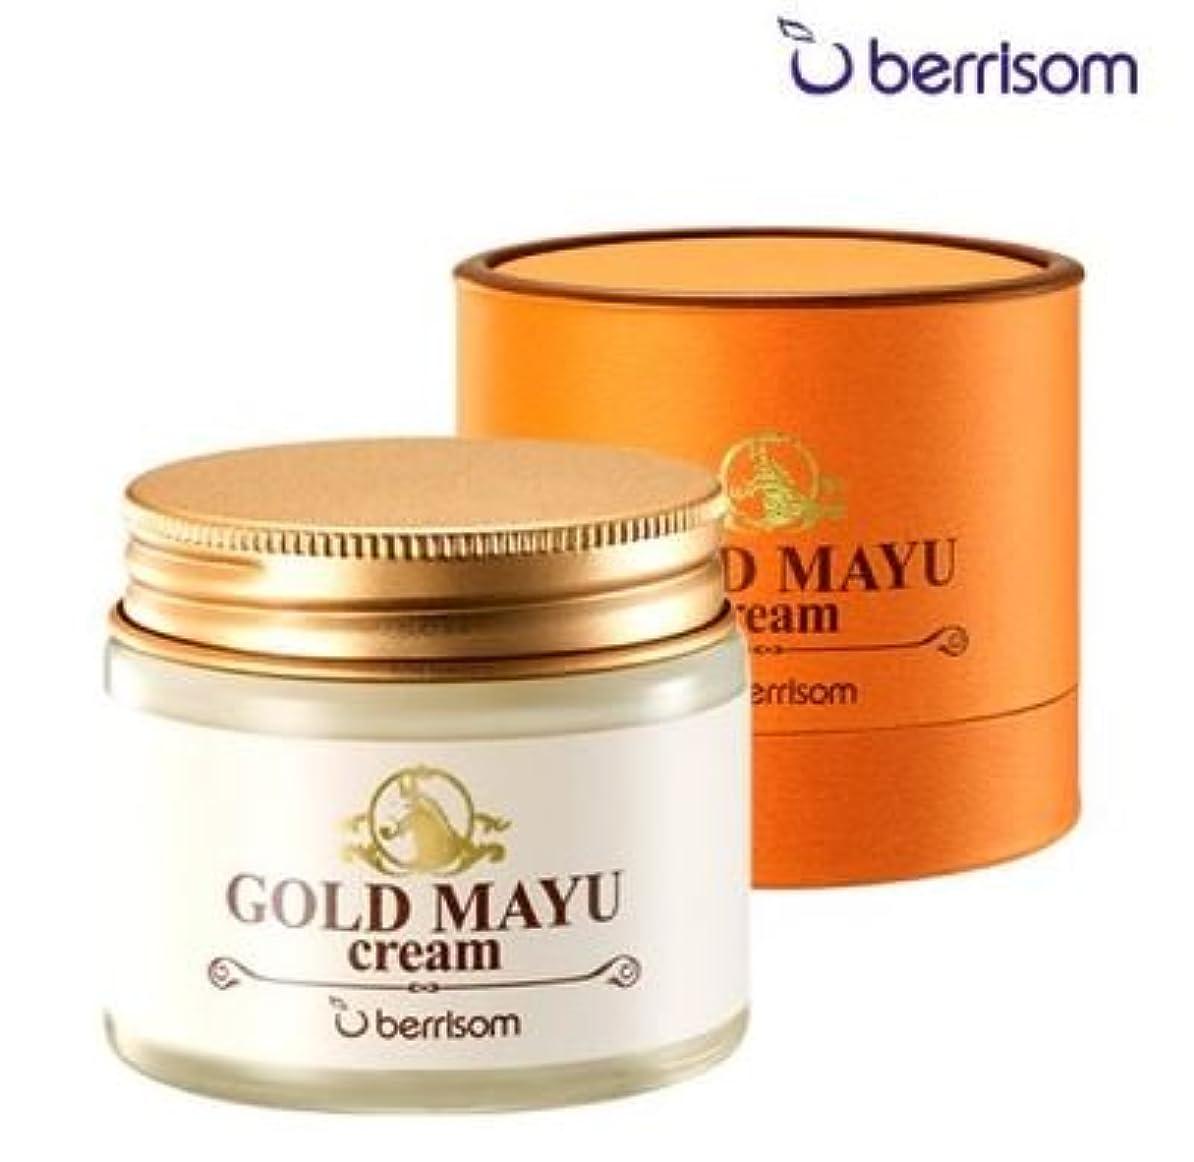 タイヤ包帯正義Berrisom(ベリサム) ゴールド 馬油クリーム/Gold Mayu Cream/Horse Oil Cream(70g) [並行輸入品]